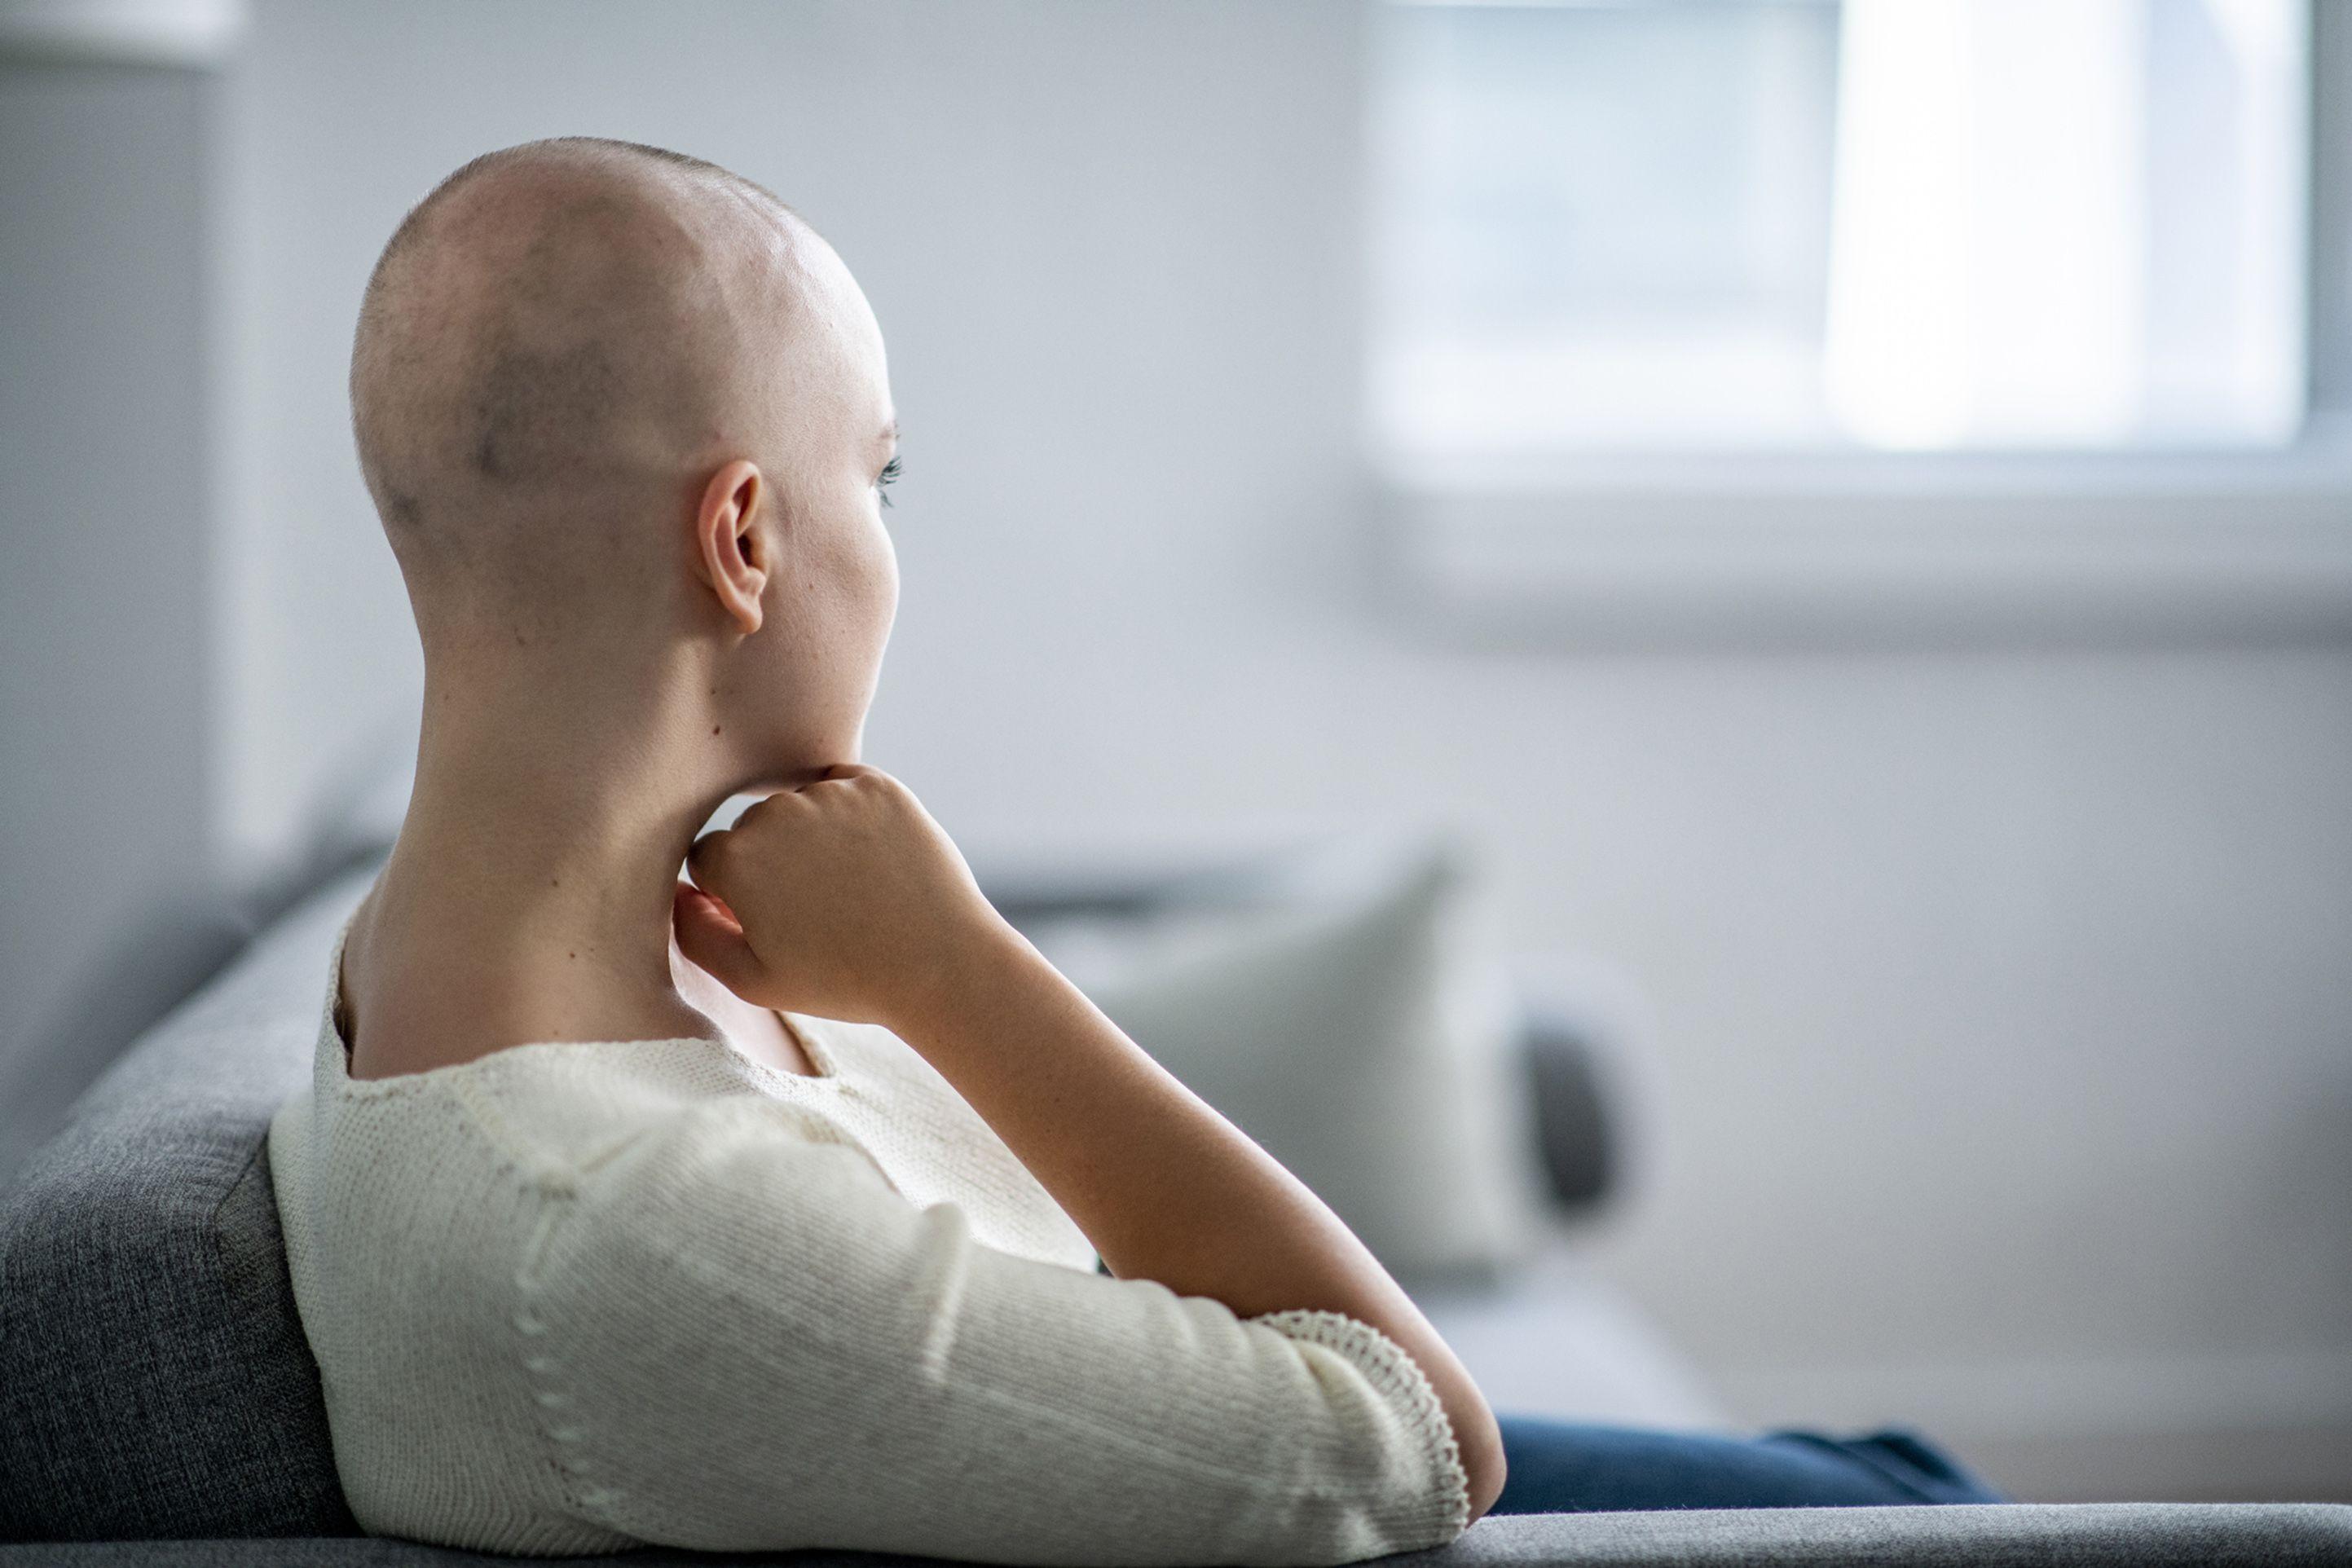 Bond de 81% des cas de cancers dans les pays pauvres d'ici à 2040, selon l'OMS